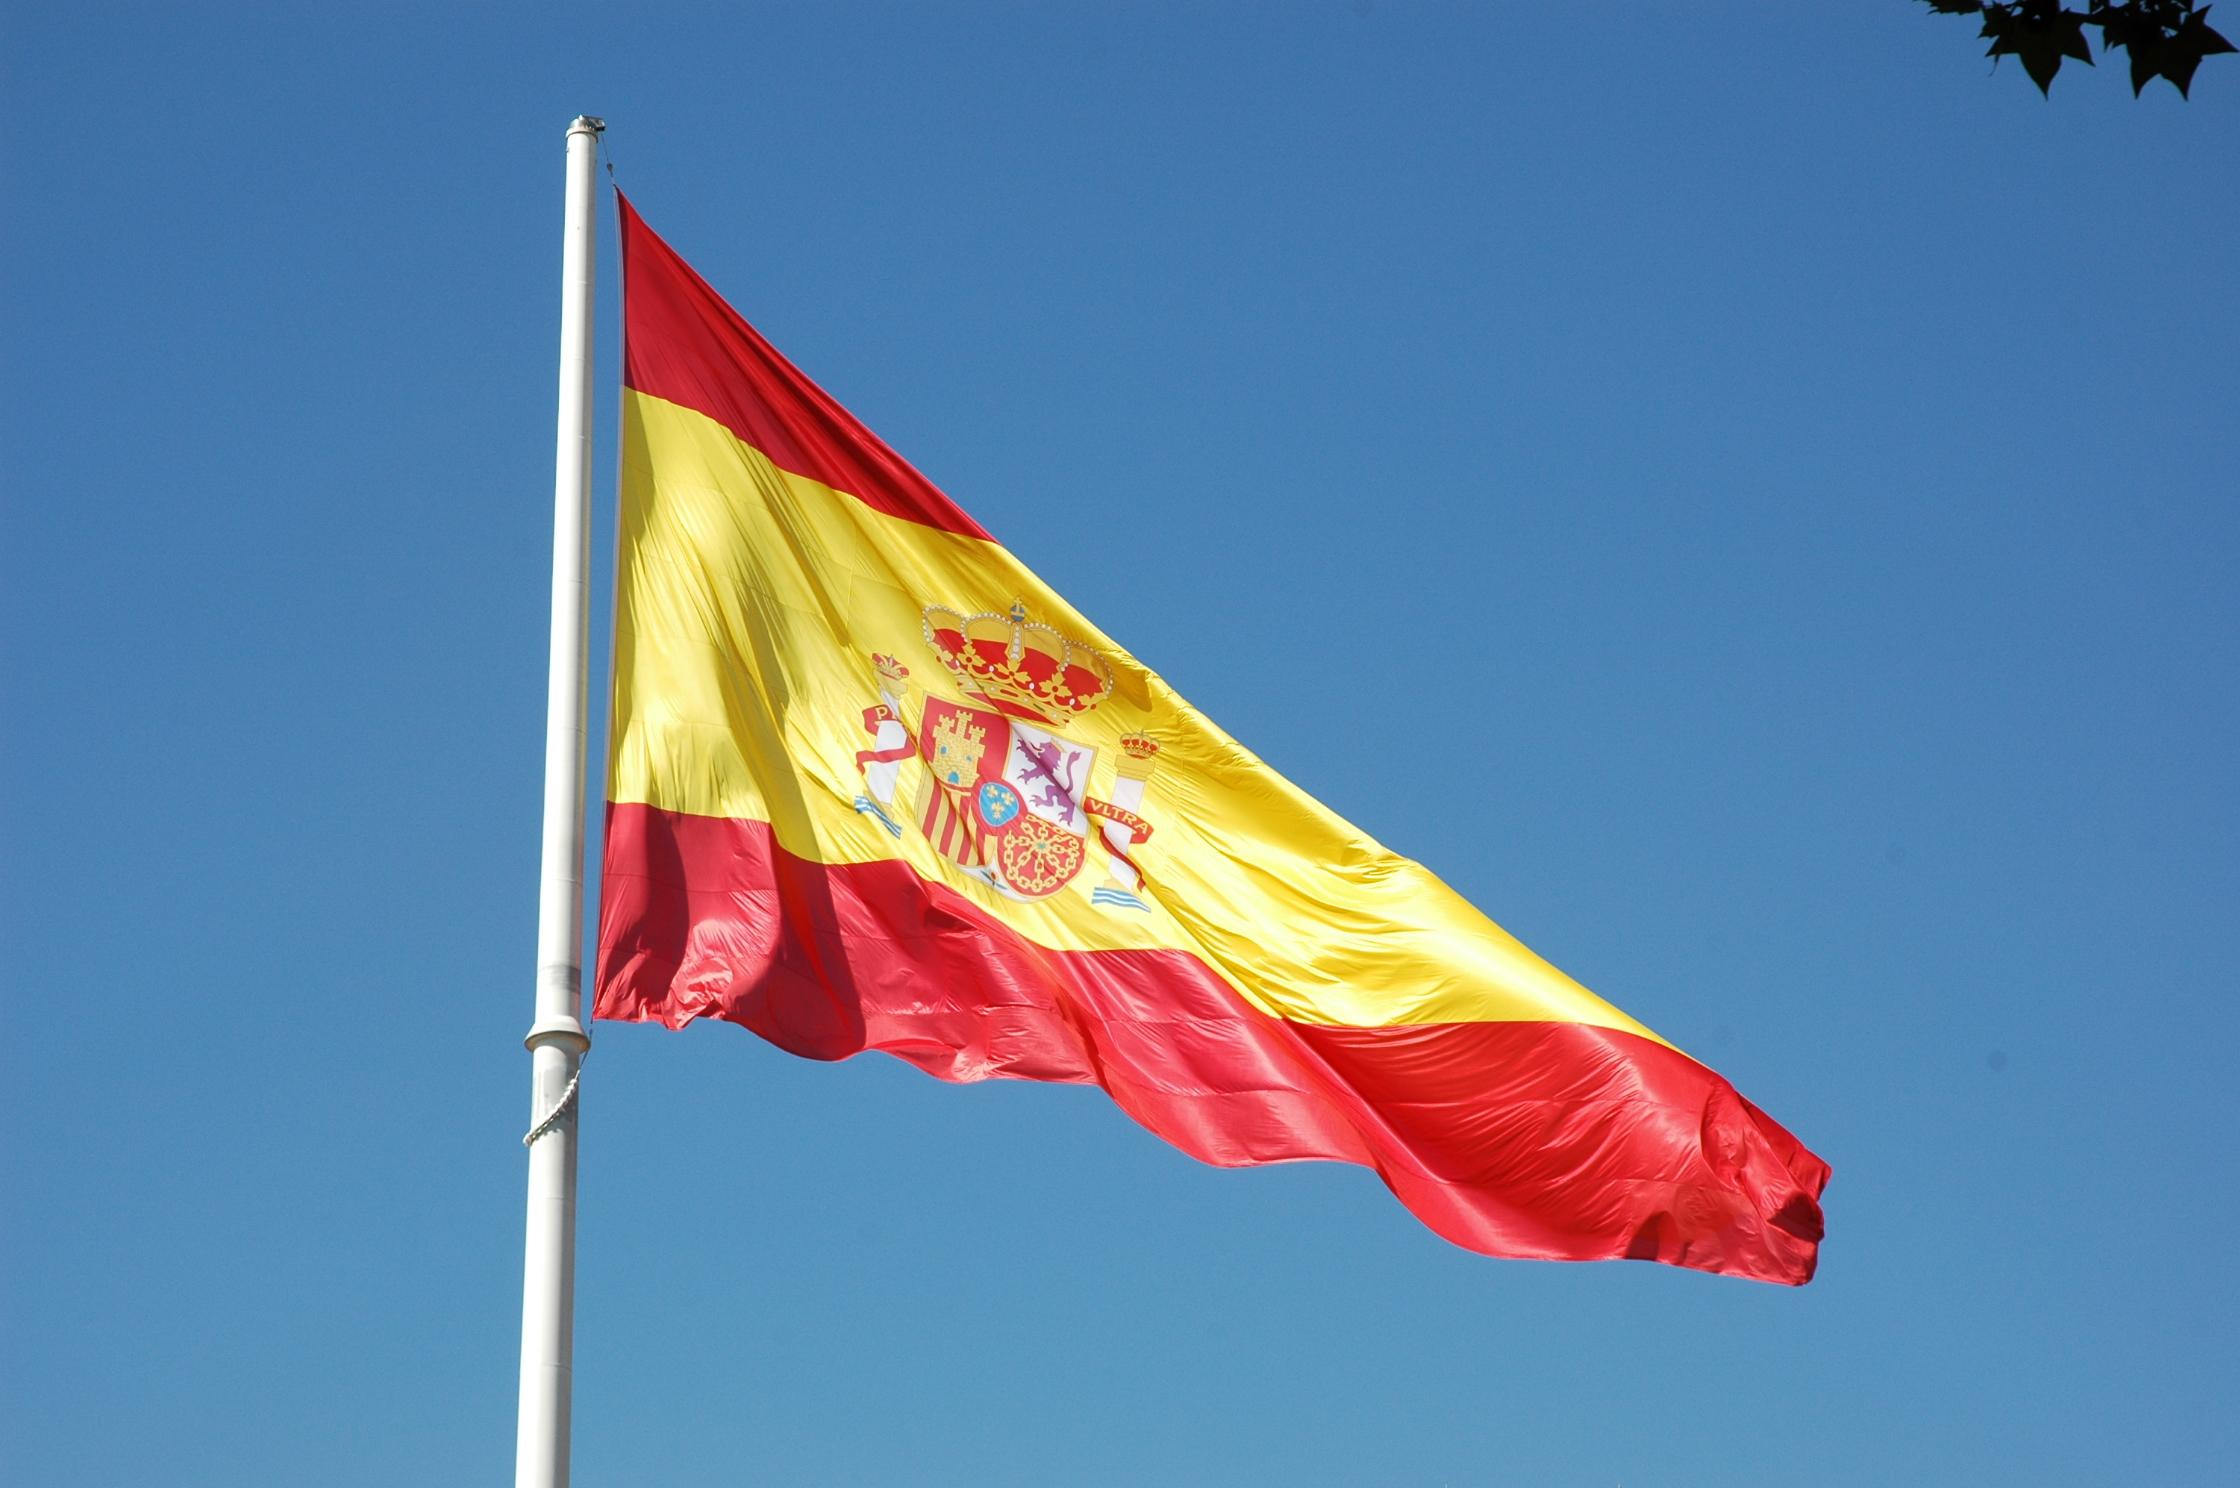 La Bandiera Spagnola Si Avvicina A Gibilterra Il Governo Di Madrid